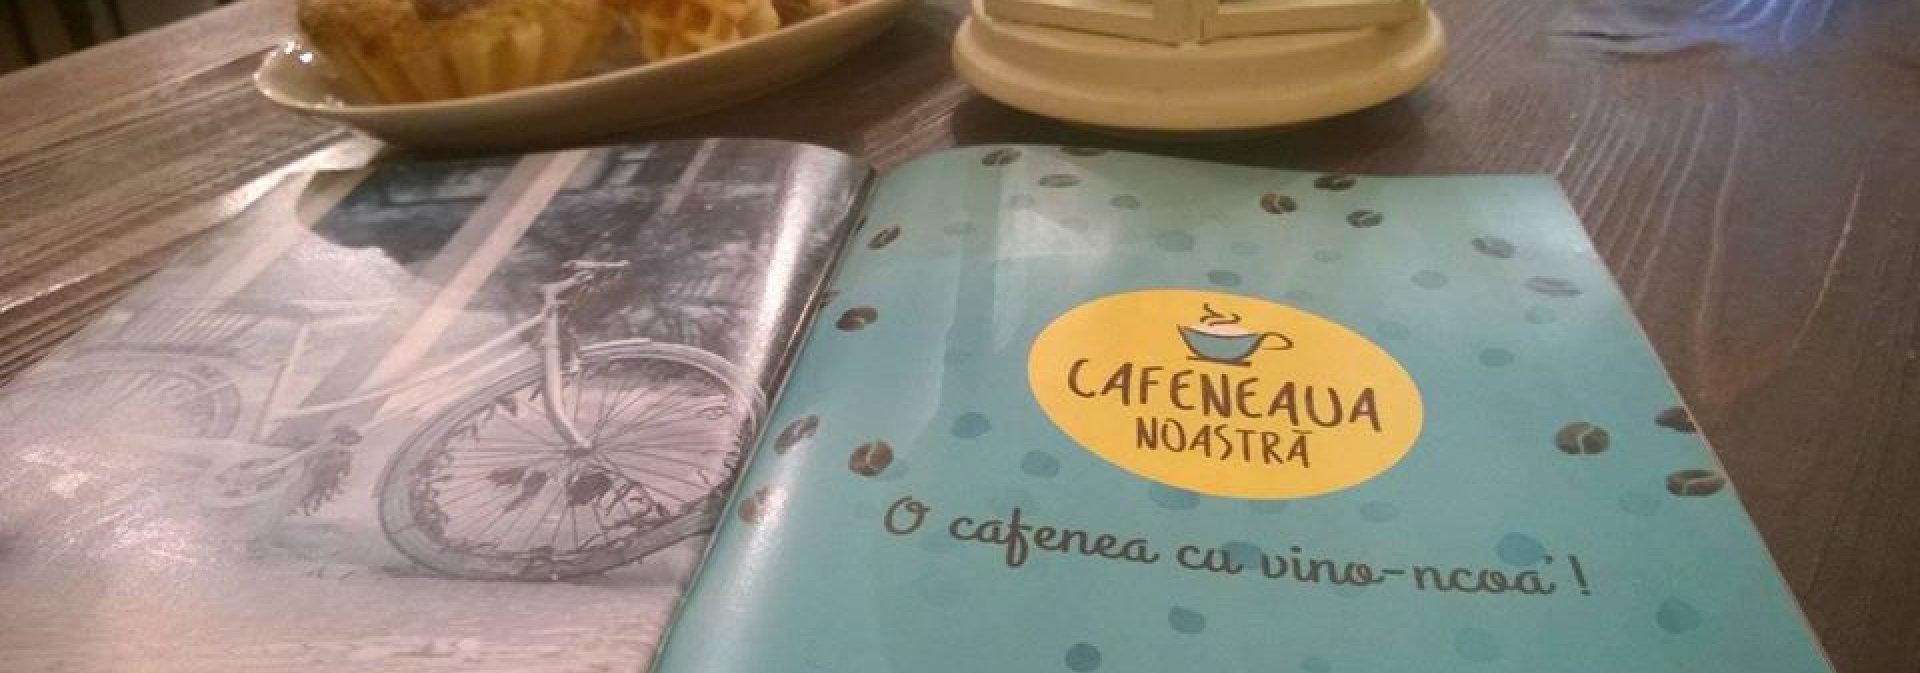 Cafeneaua Noastră, Iași